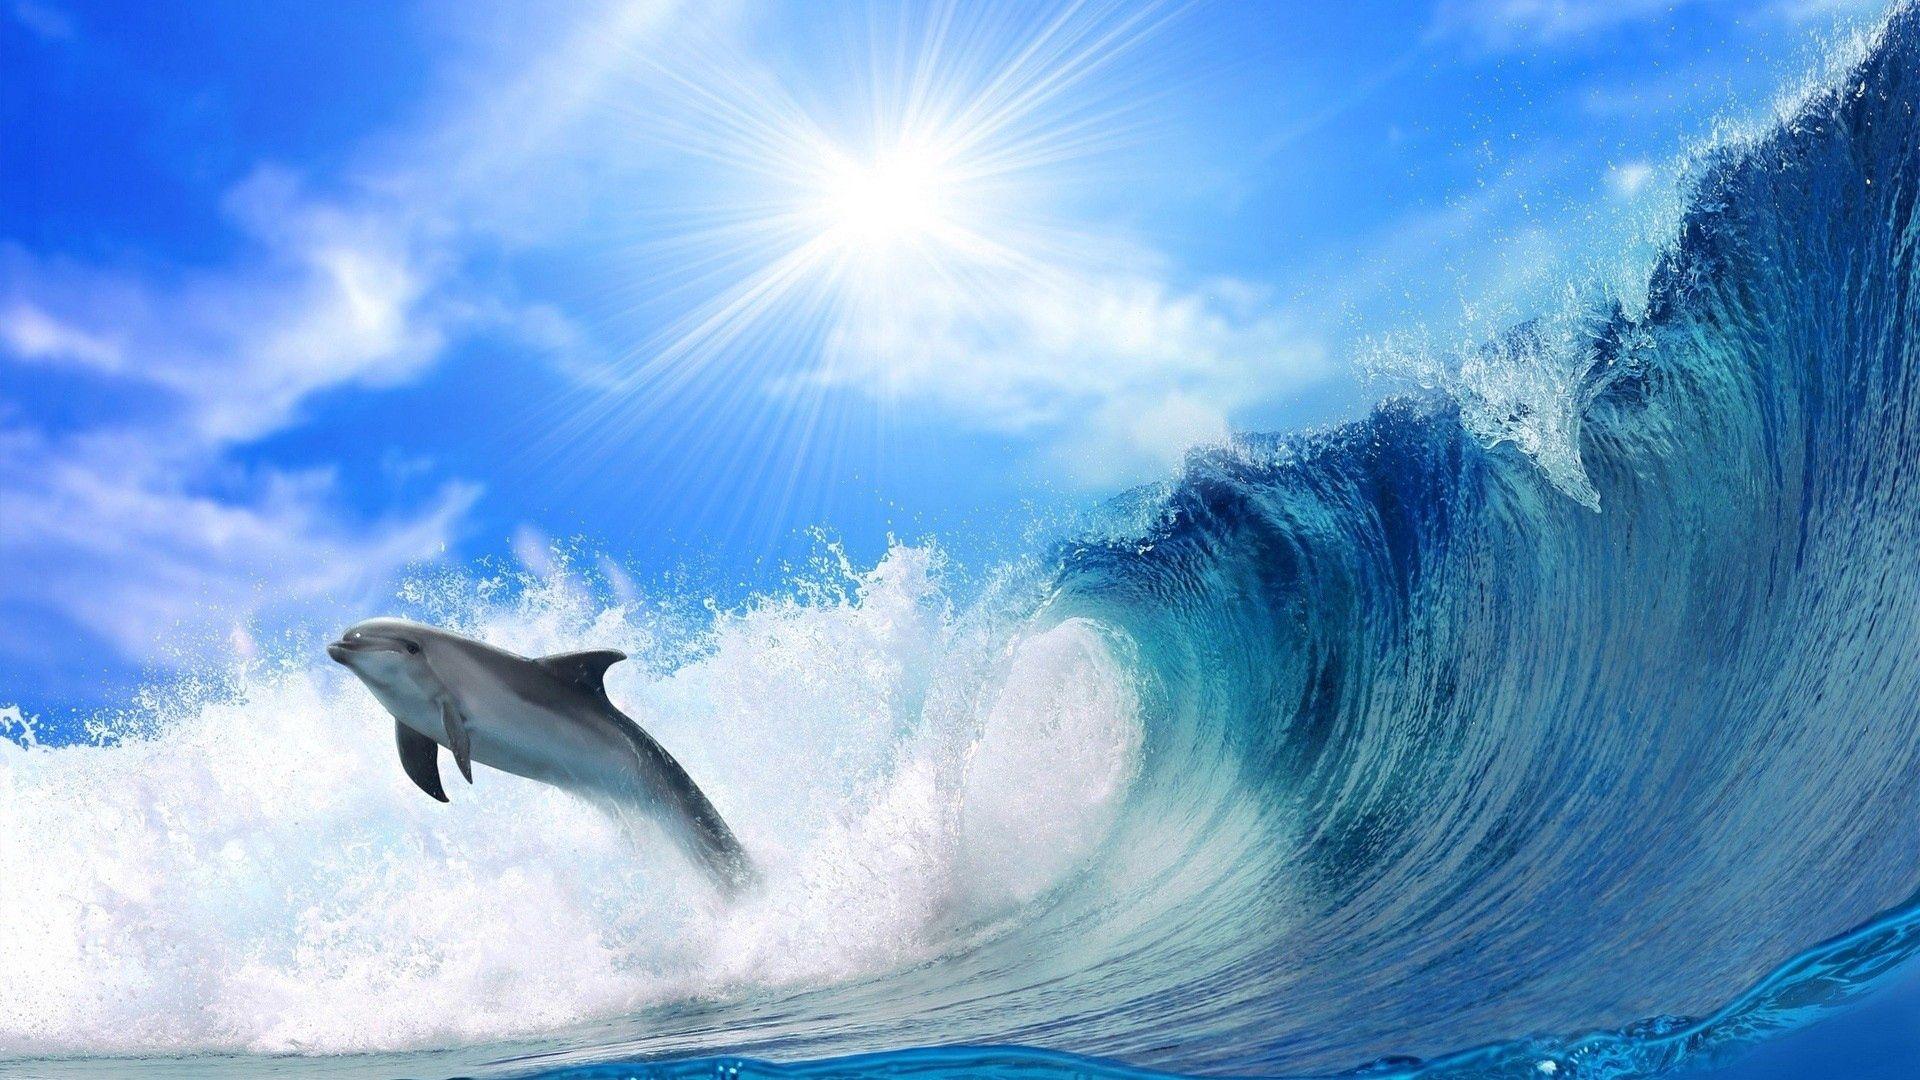 55740 скачать обои Волны, Животные, Море, Блеск, Прыжок, Солнечный Свет, Дельфин - заставки и картинки бесплатно